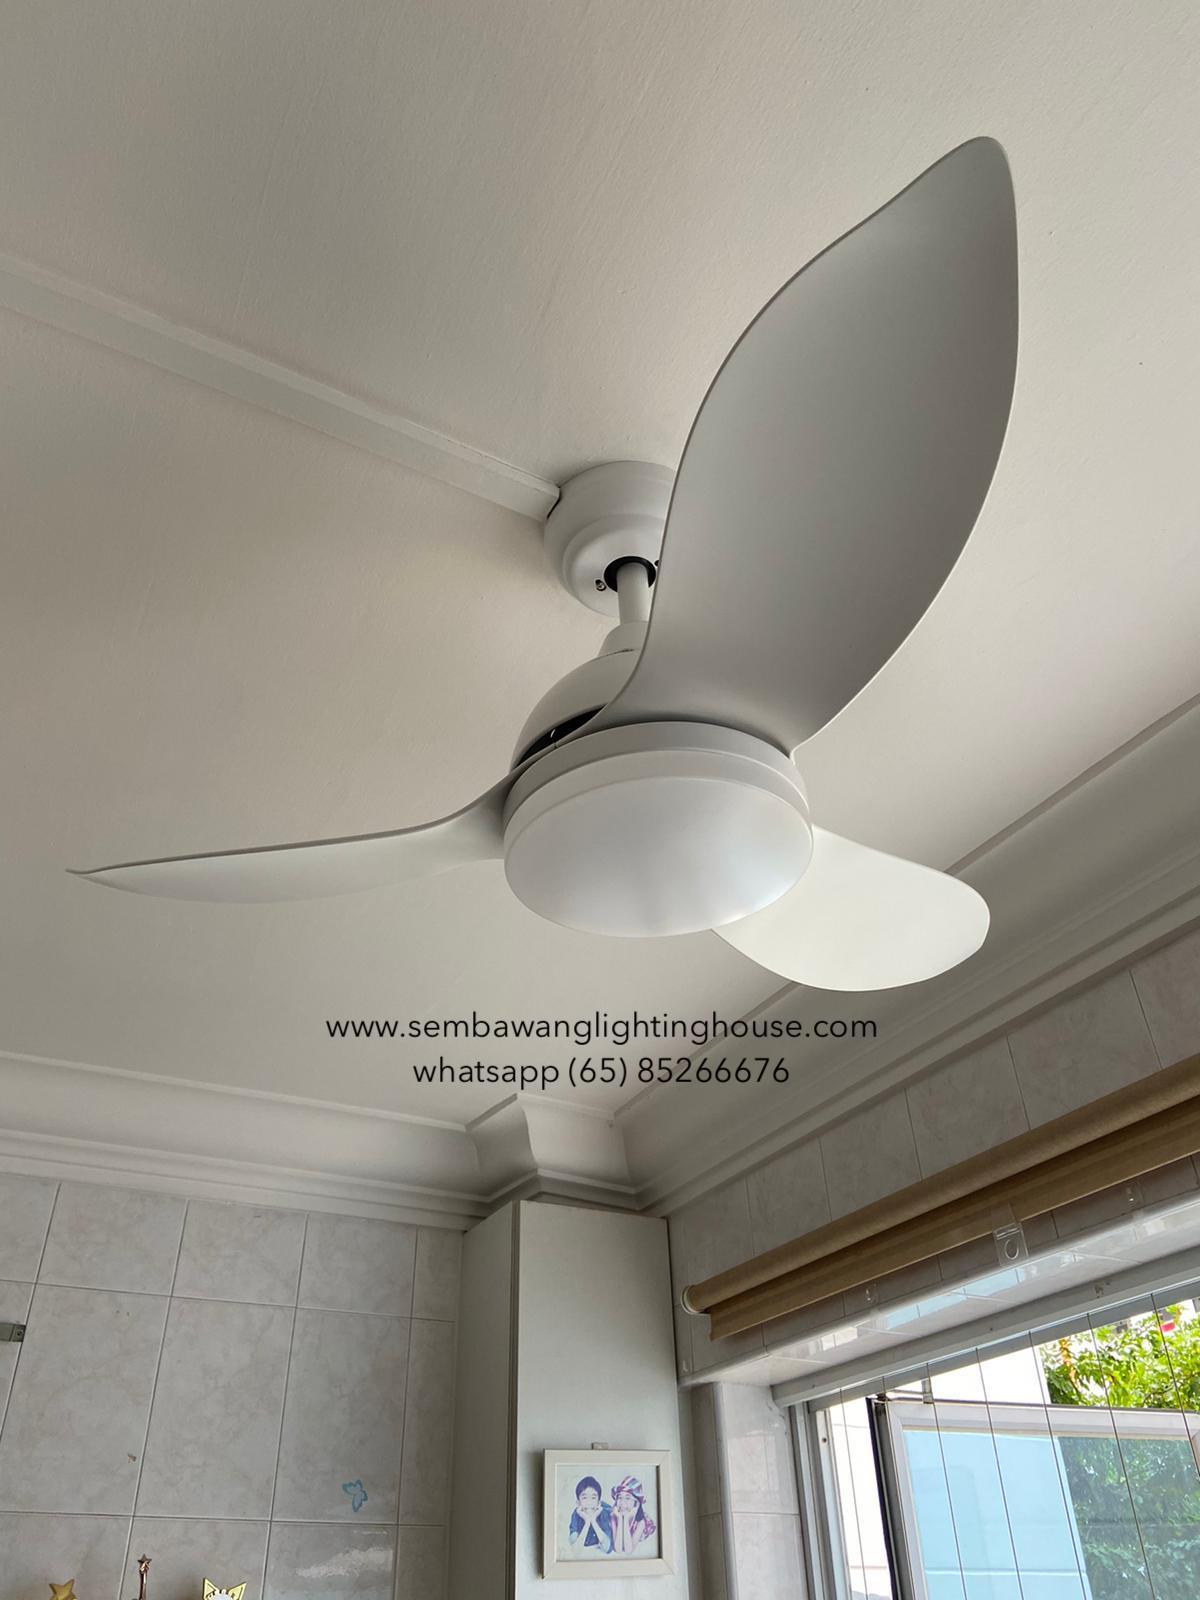 bestar-raptor-white-ceiling-fan-with-light-sembawang-lighting-house-04.jpeg